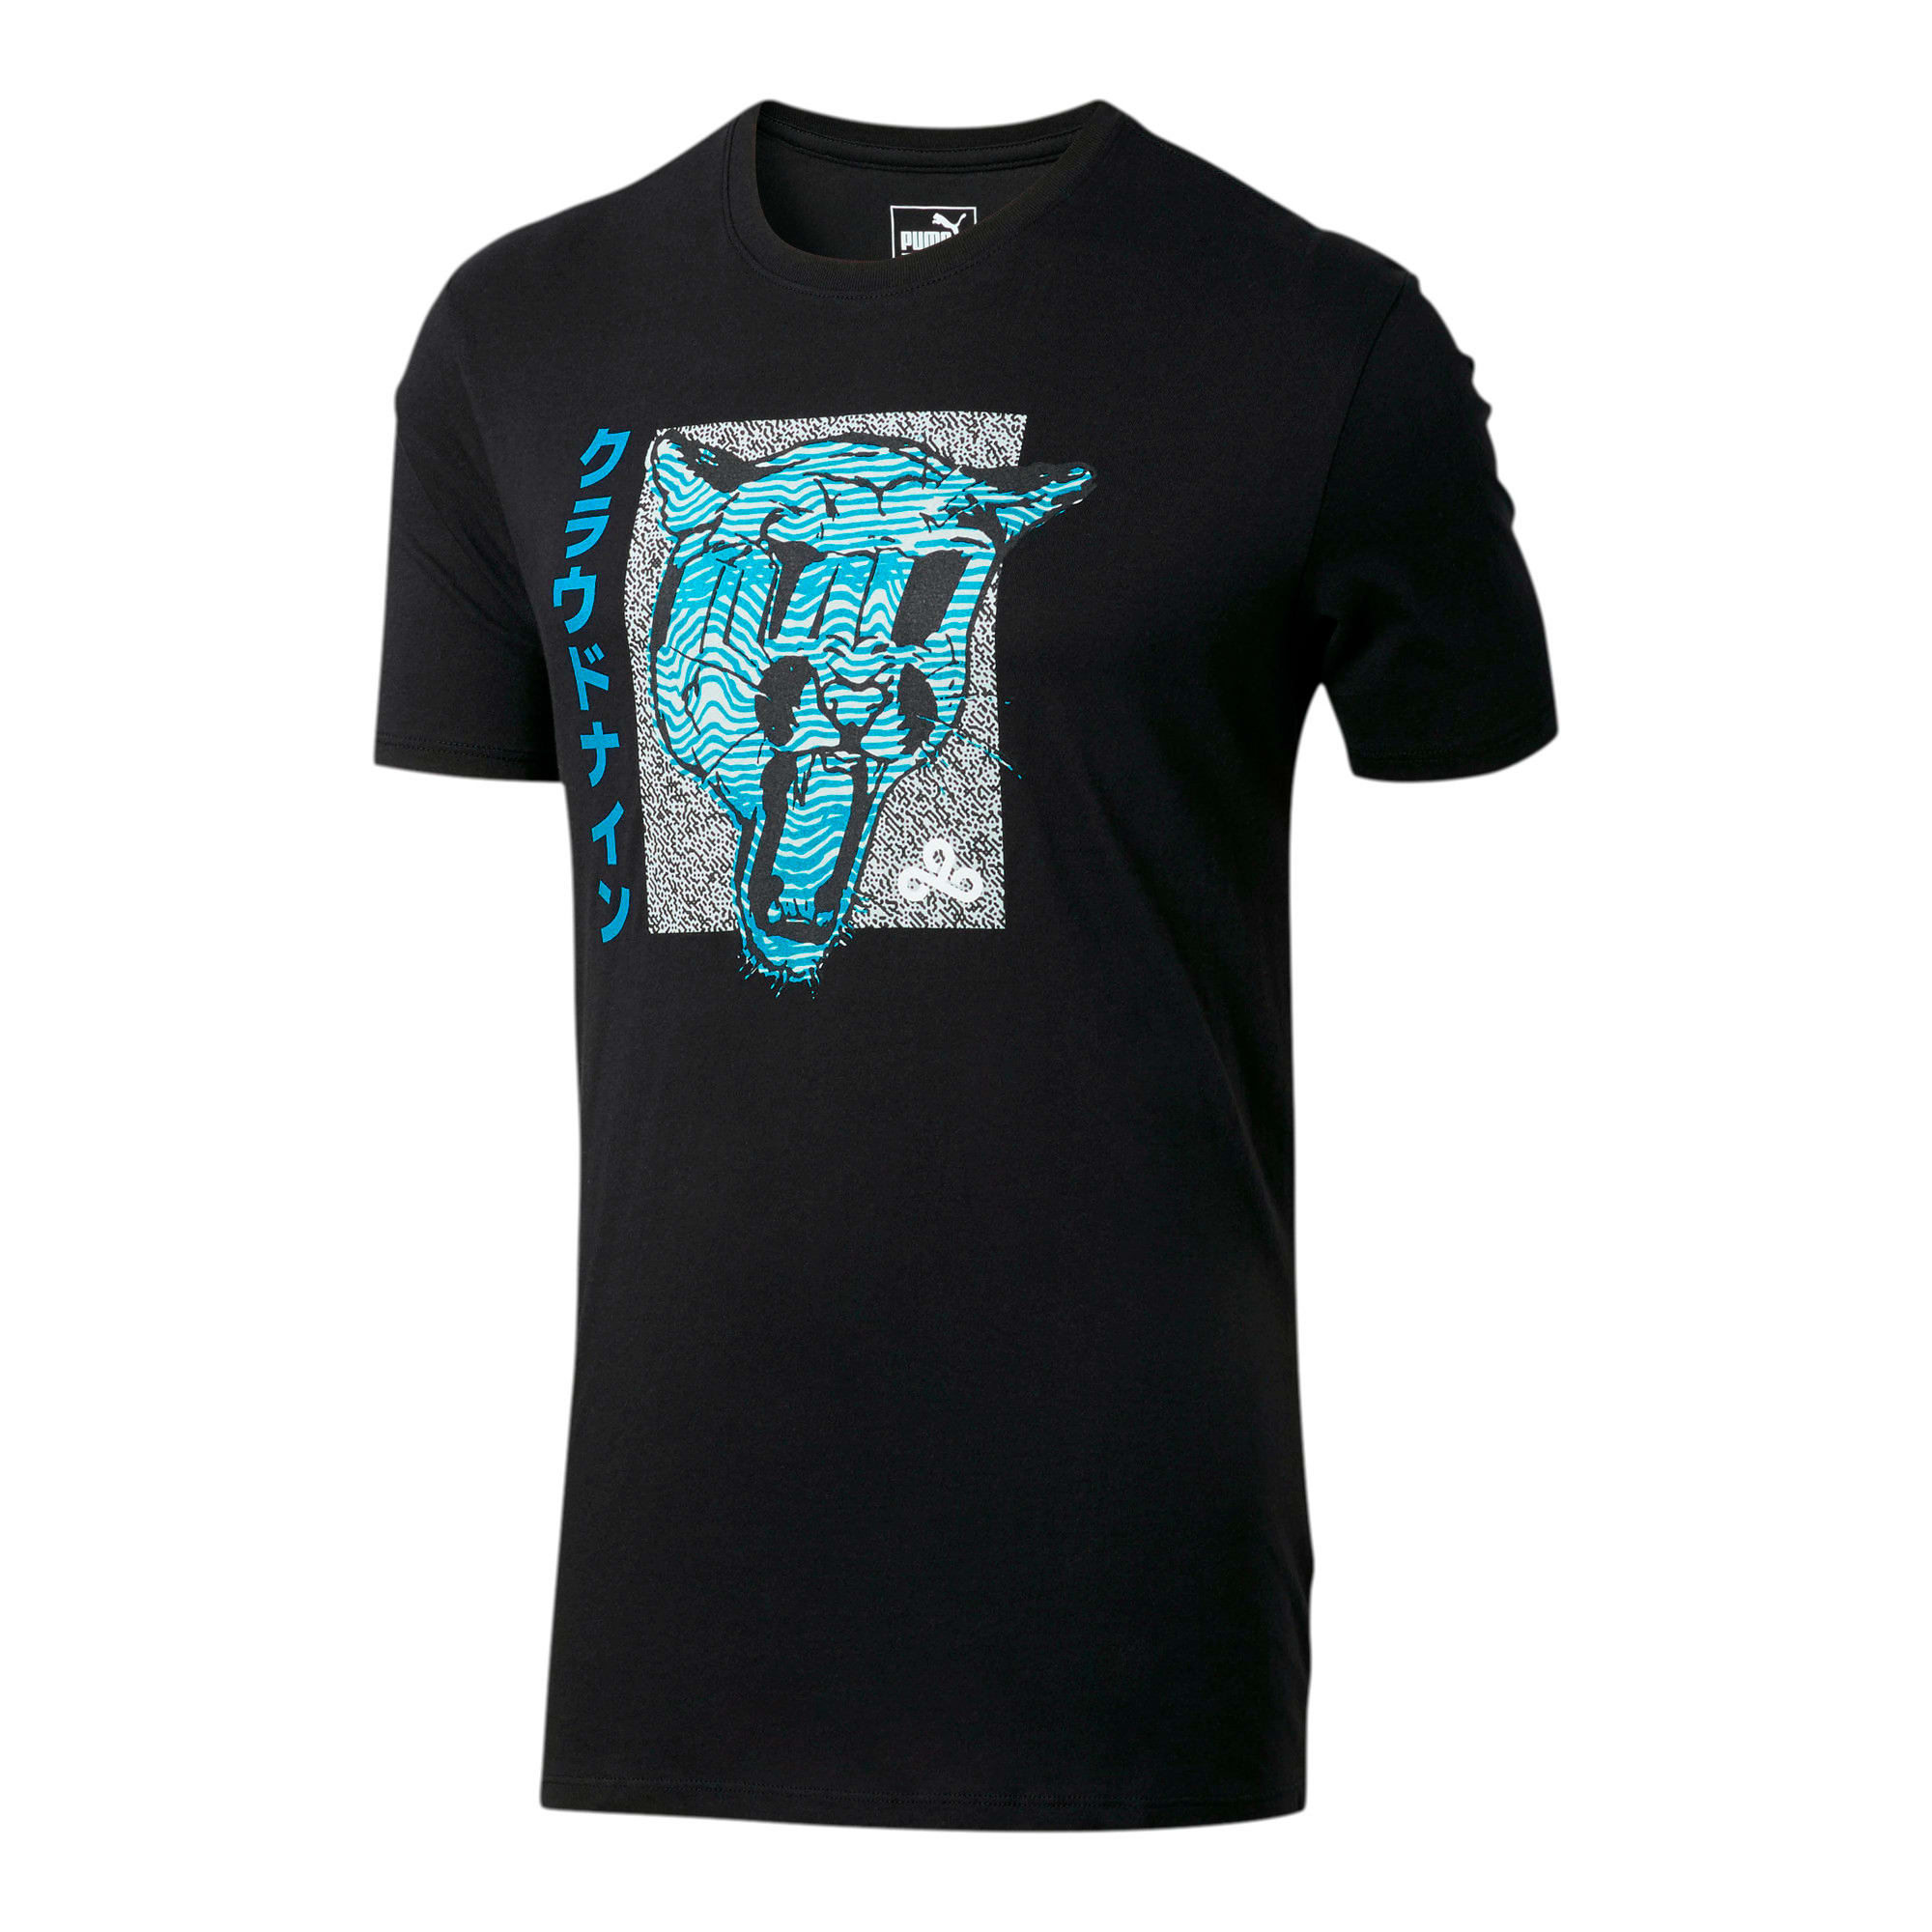 Miniatura 1 de Camiseta PUMA x CLOUD9 Big Cat , Puma Black, mediano